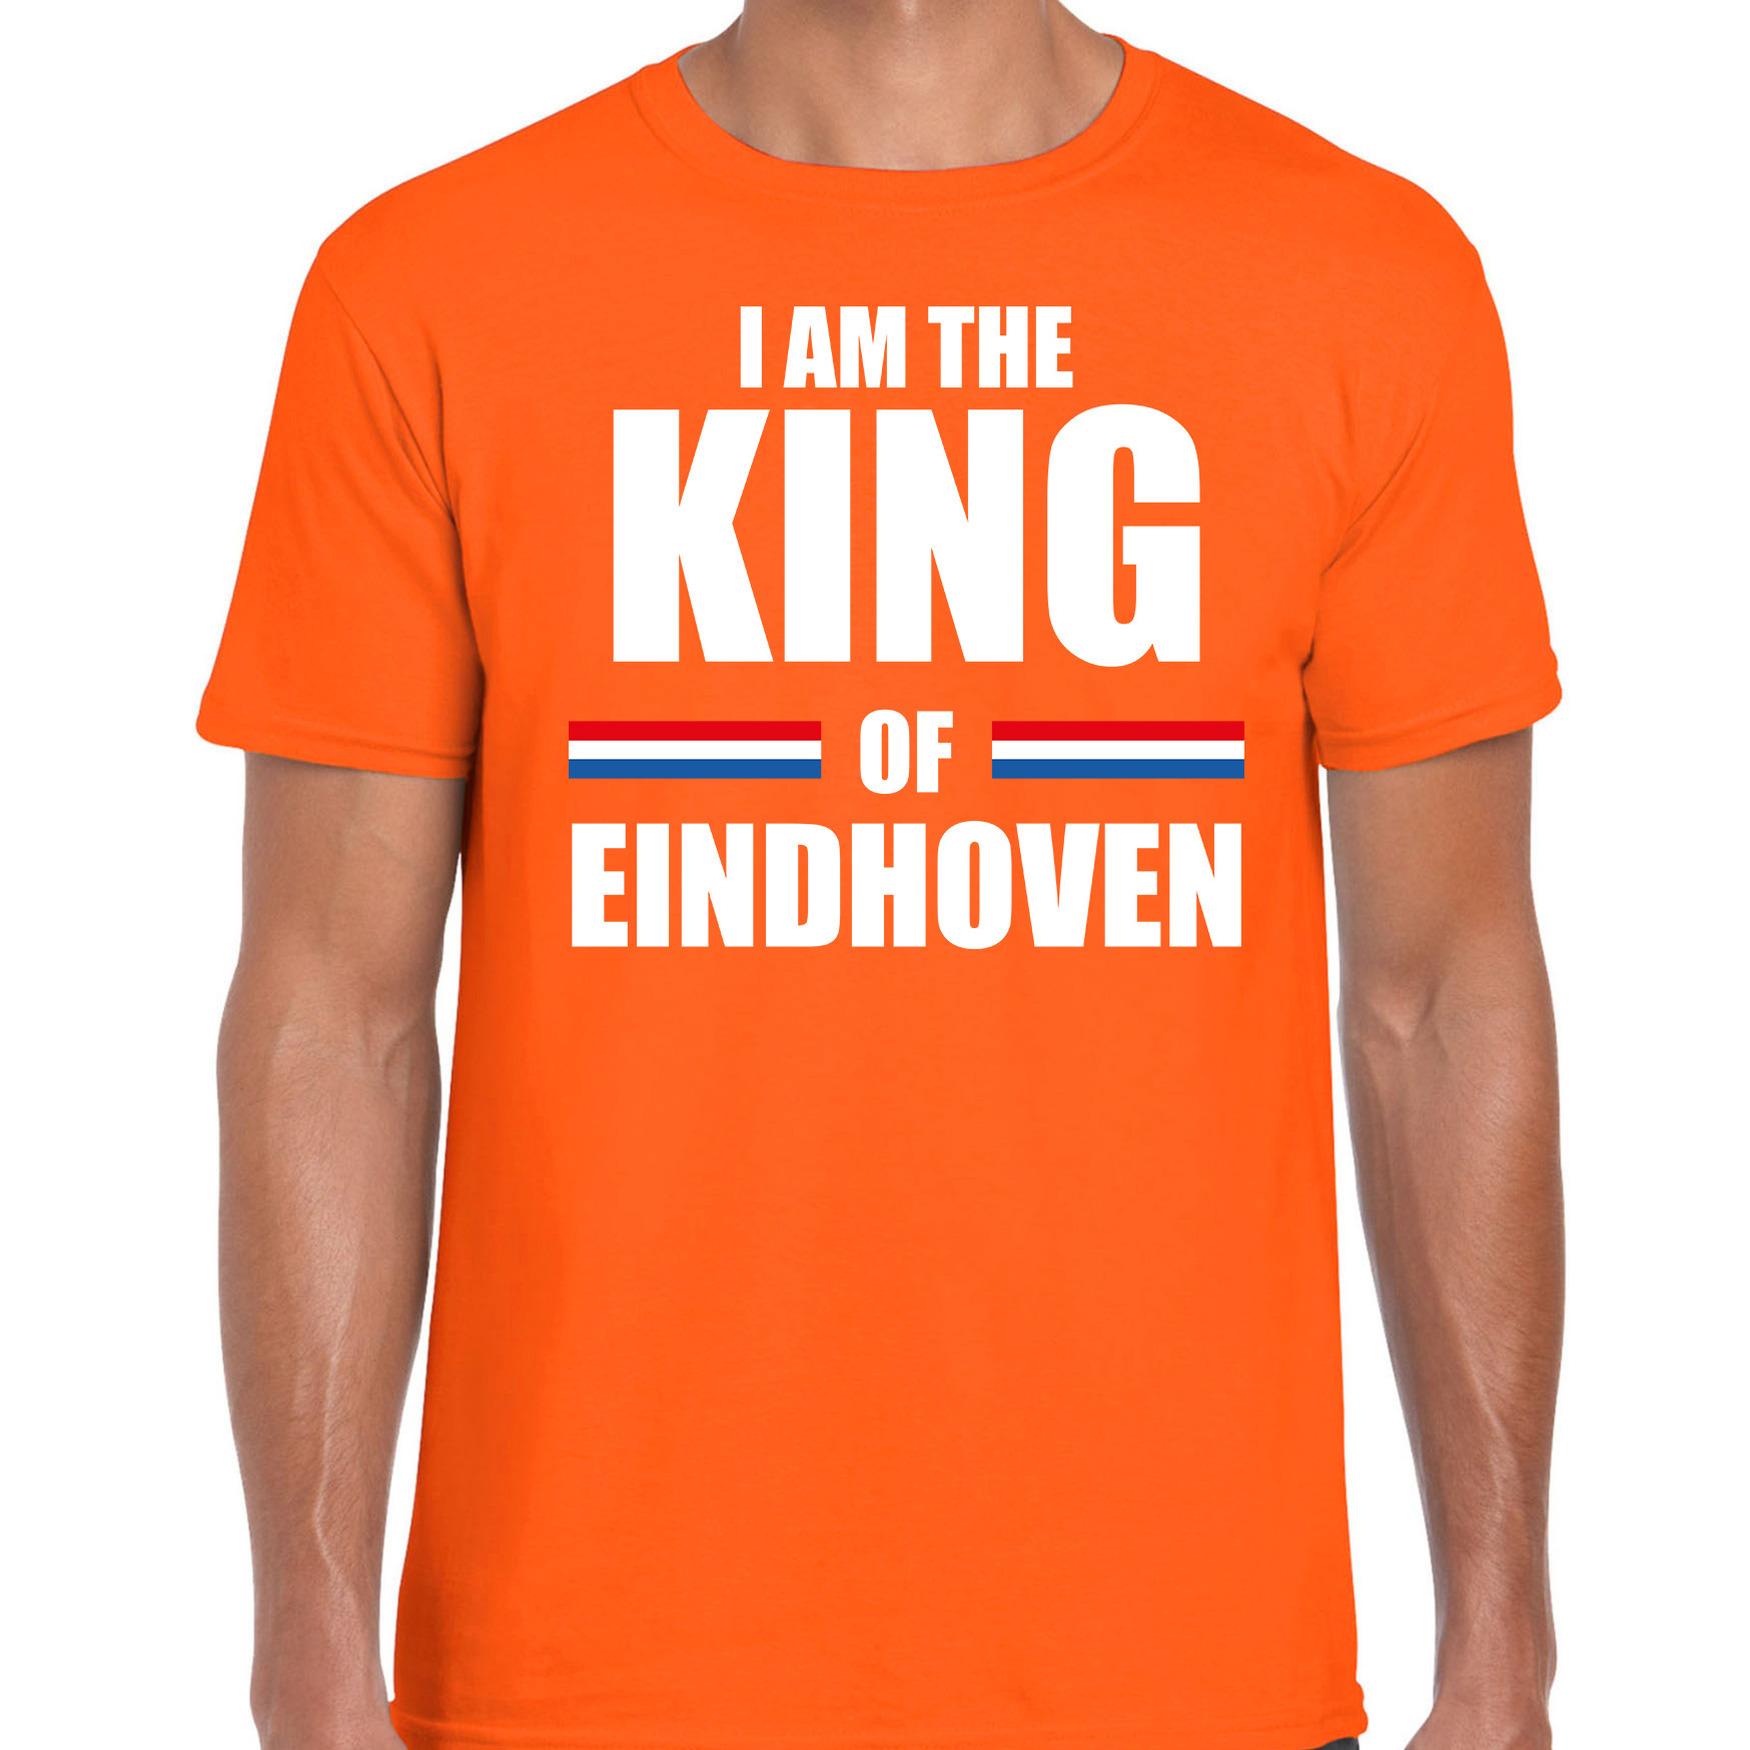 Koningsdag t-shirt I am the King of Eindhoven oranje voor heren